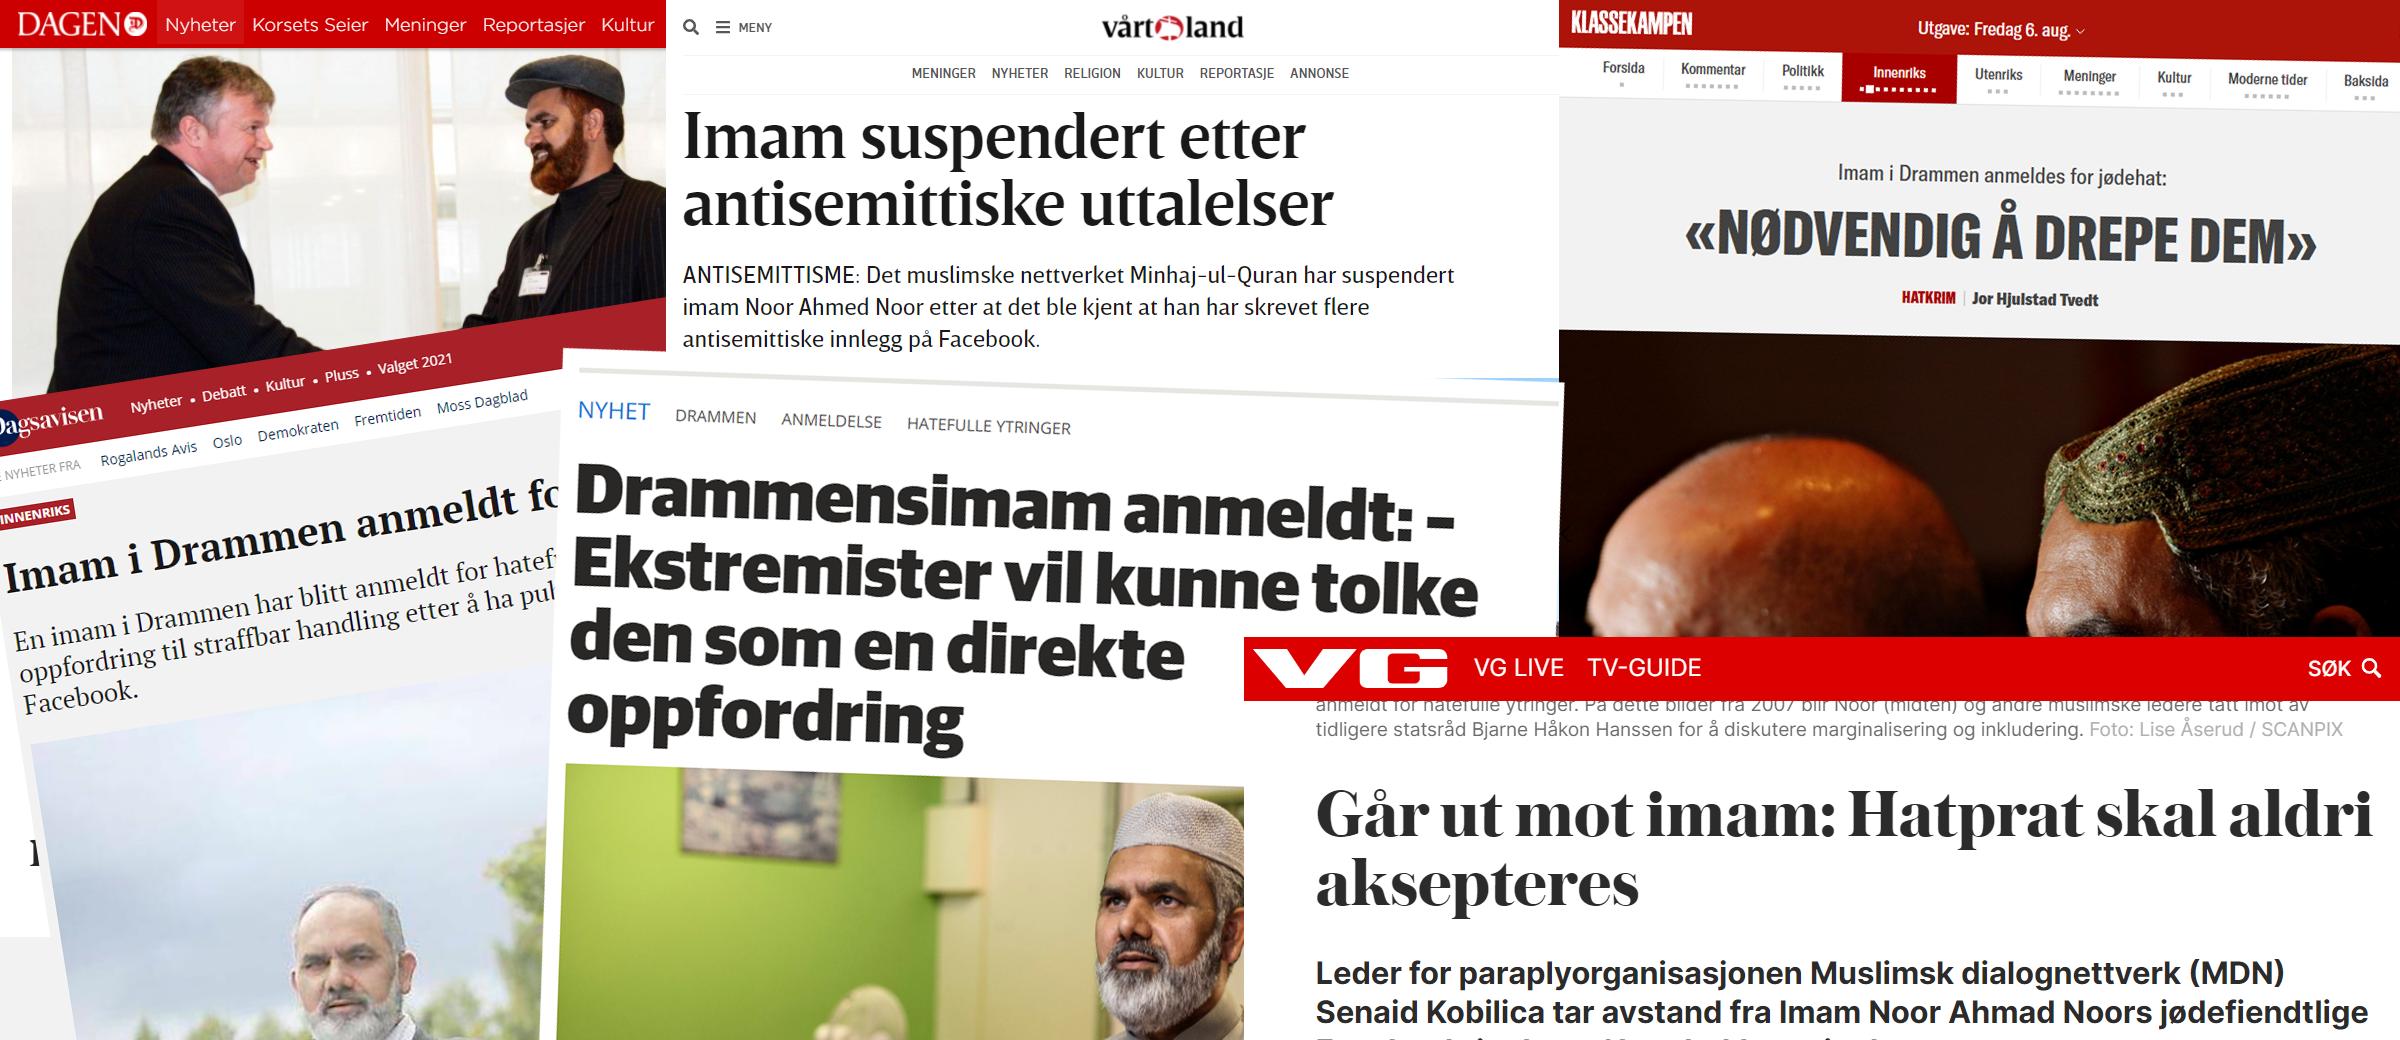 skjermdumper fra artikler